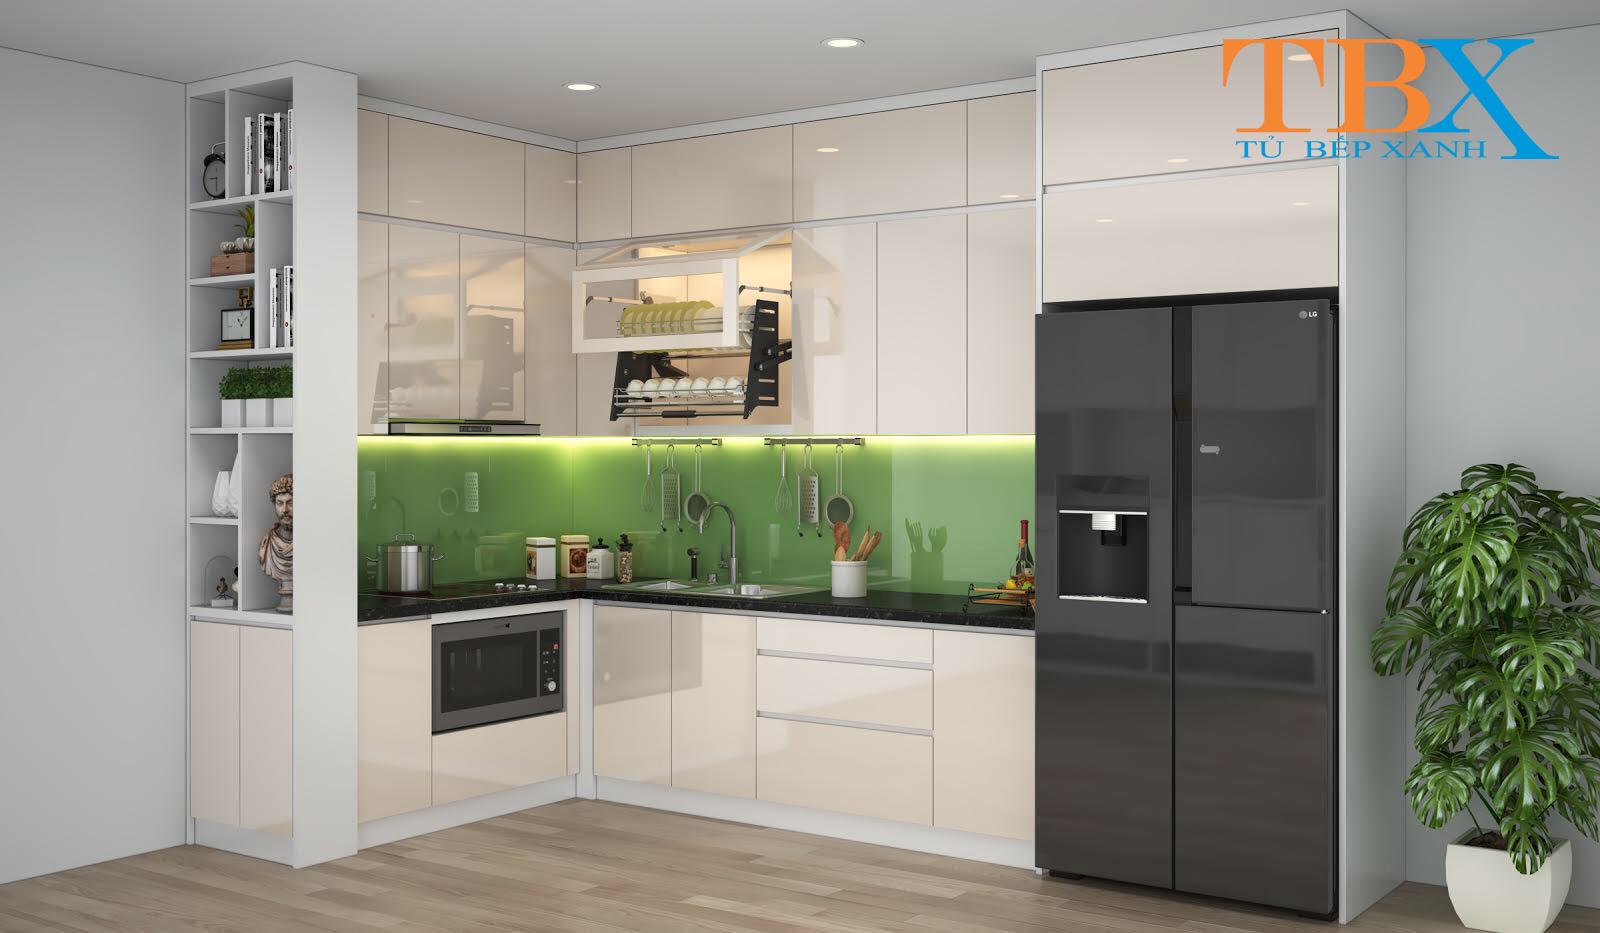 Thiết kế bếp chung cư M-one